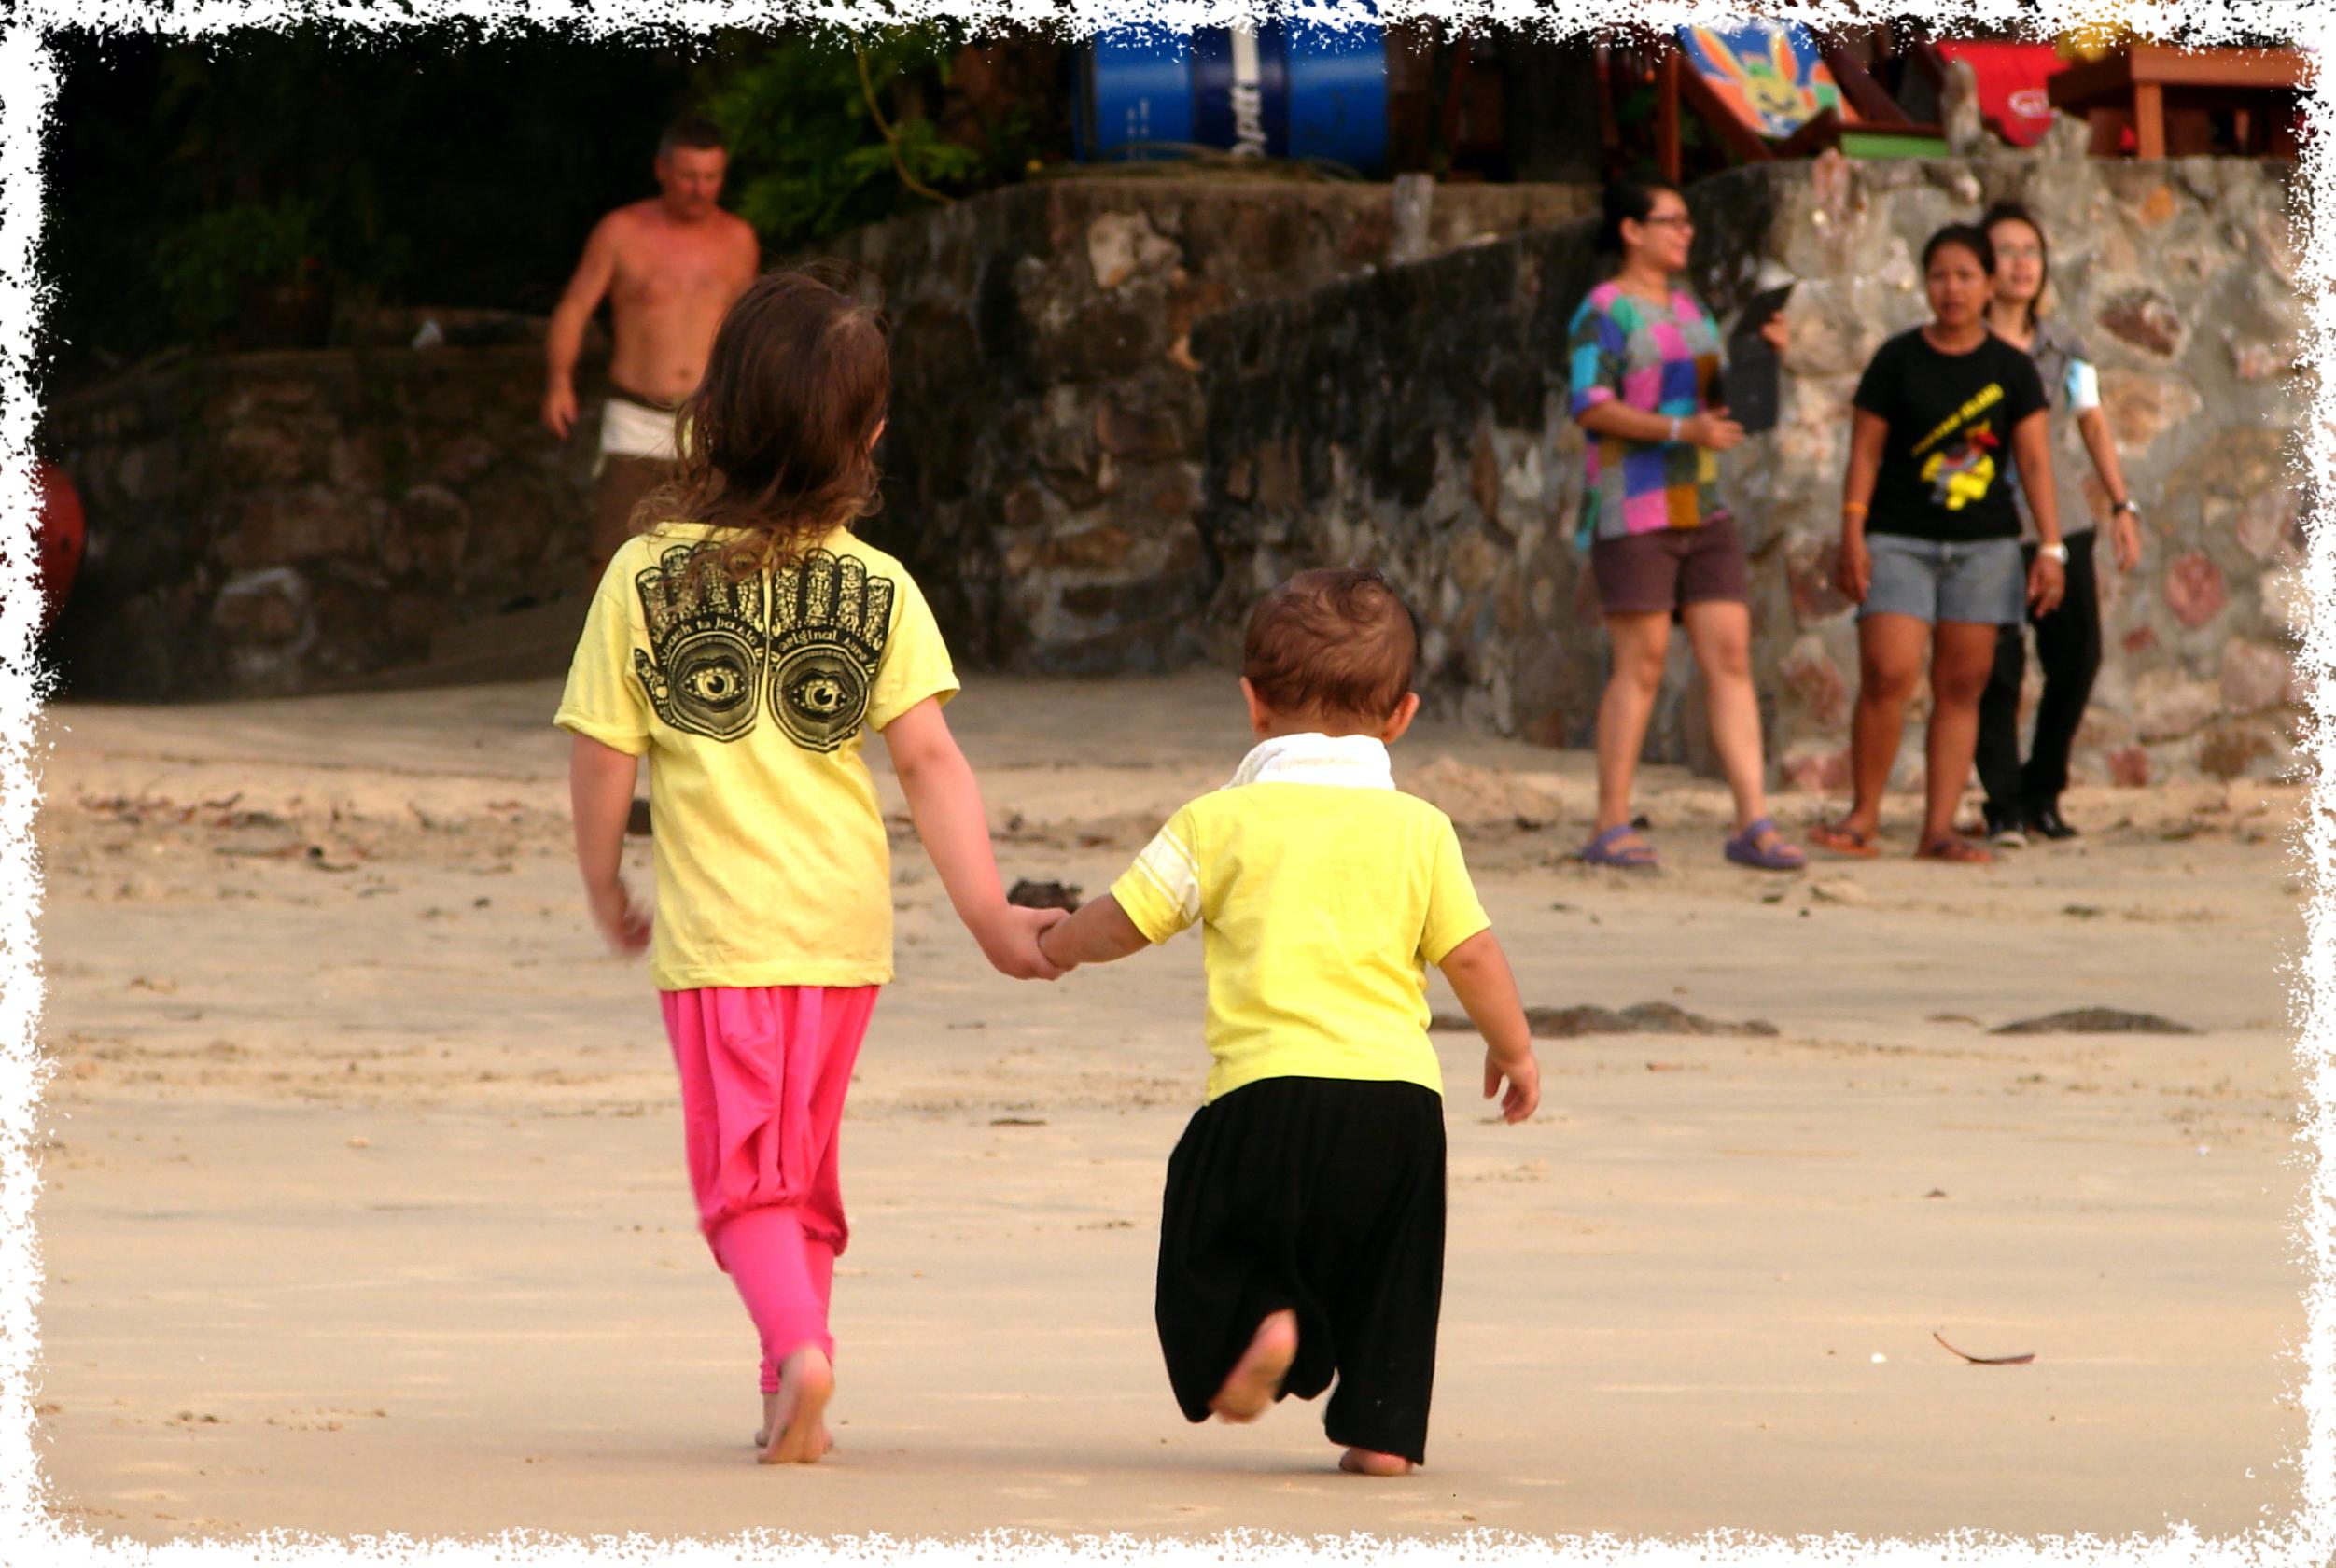 Thailand mit Zug, Tuk Tuk, Flugzeug und zwei Kleinkindern